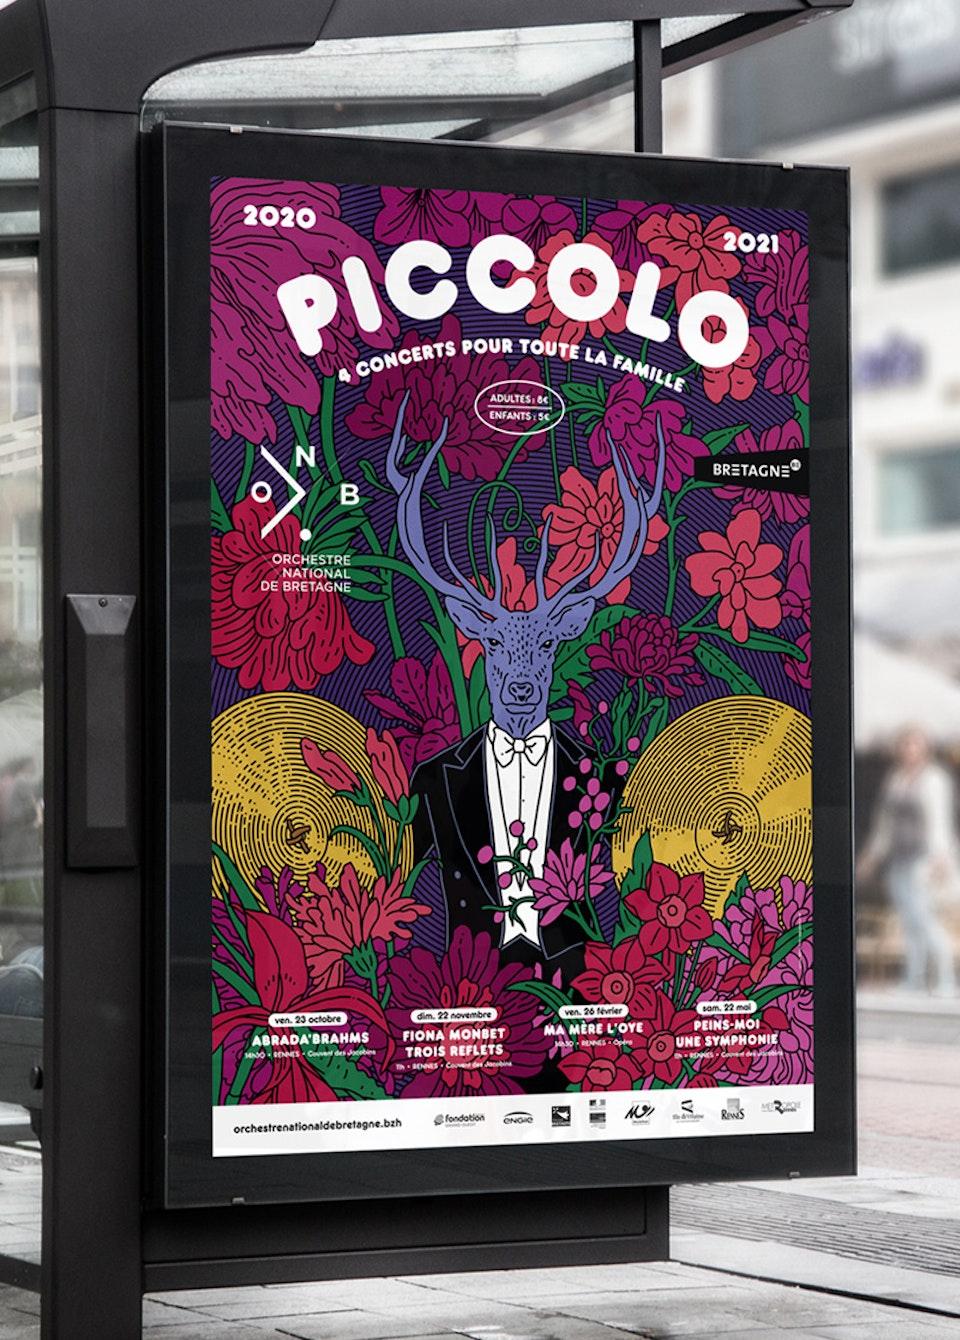 Piccolo | Orchestre National de Bretagne, Rennes [2020]